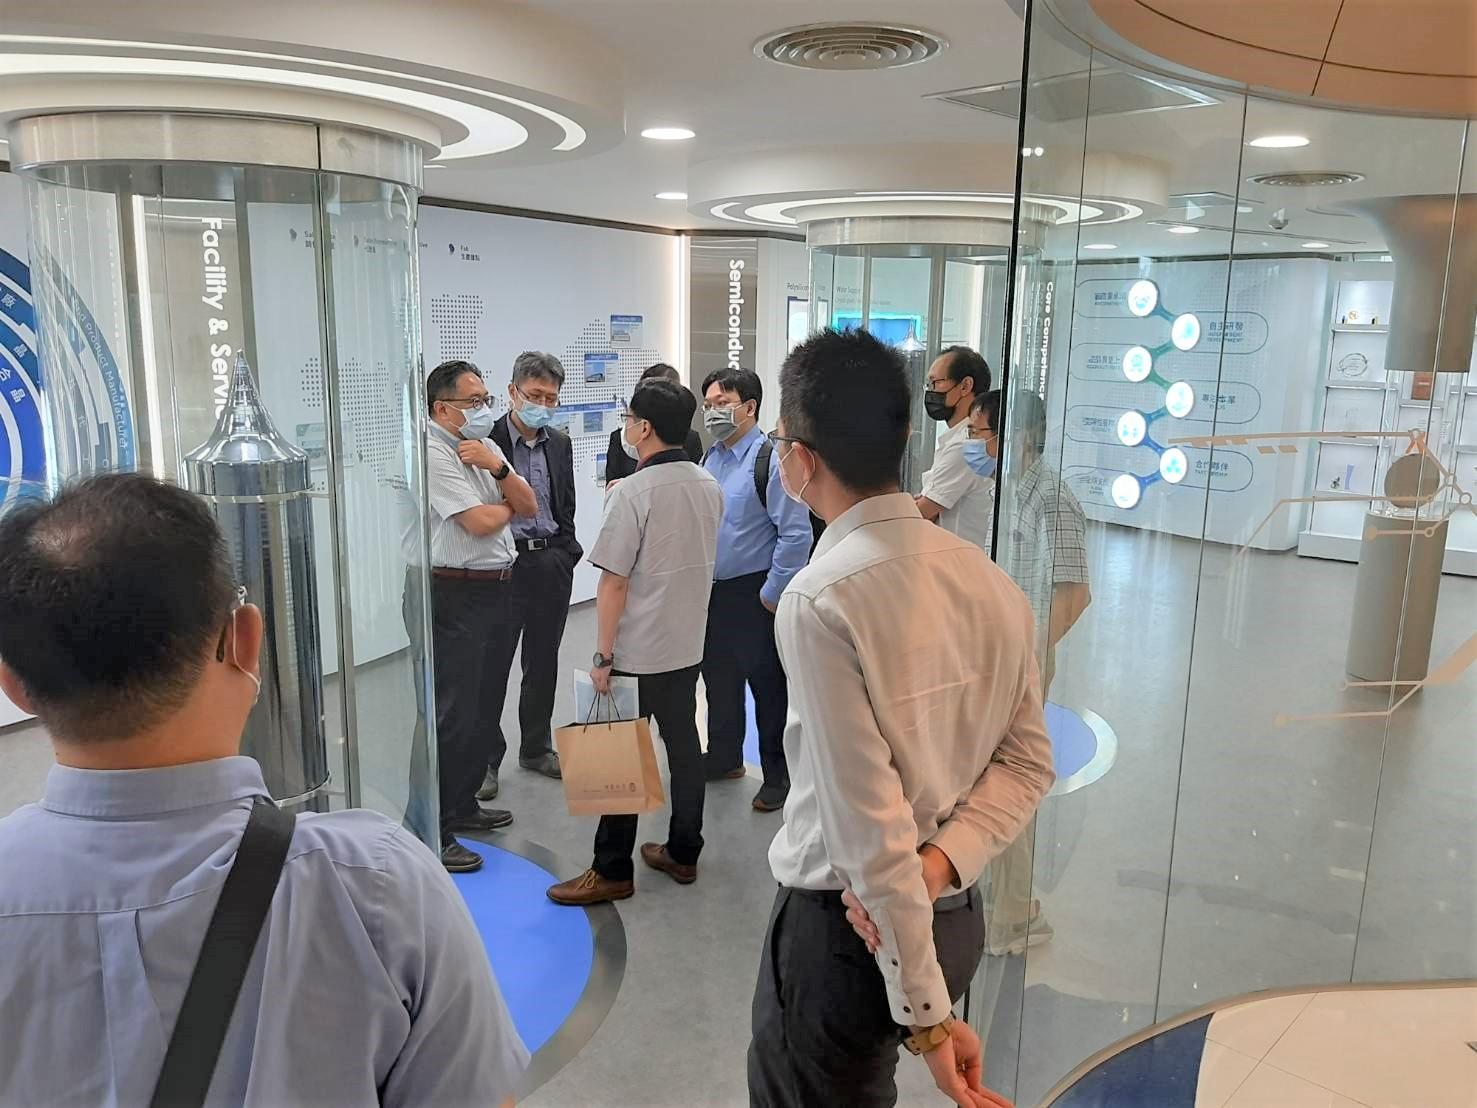 中原大學參訪合晶科技,由李文中技術長解說產品技術及公司發展.jpg